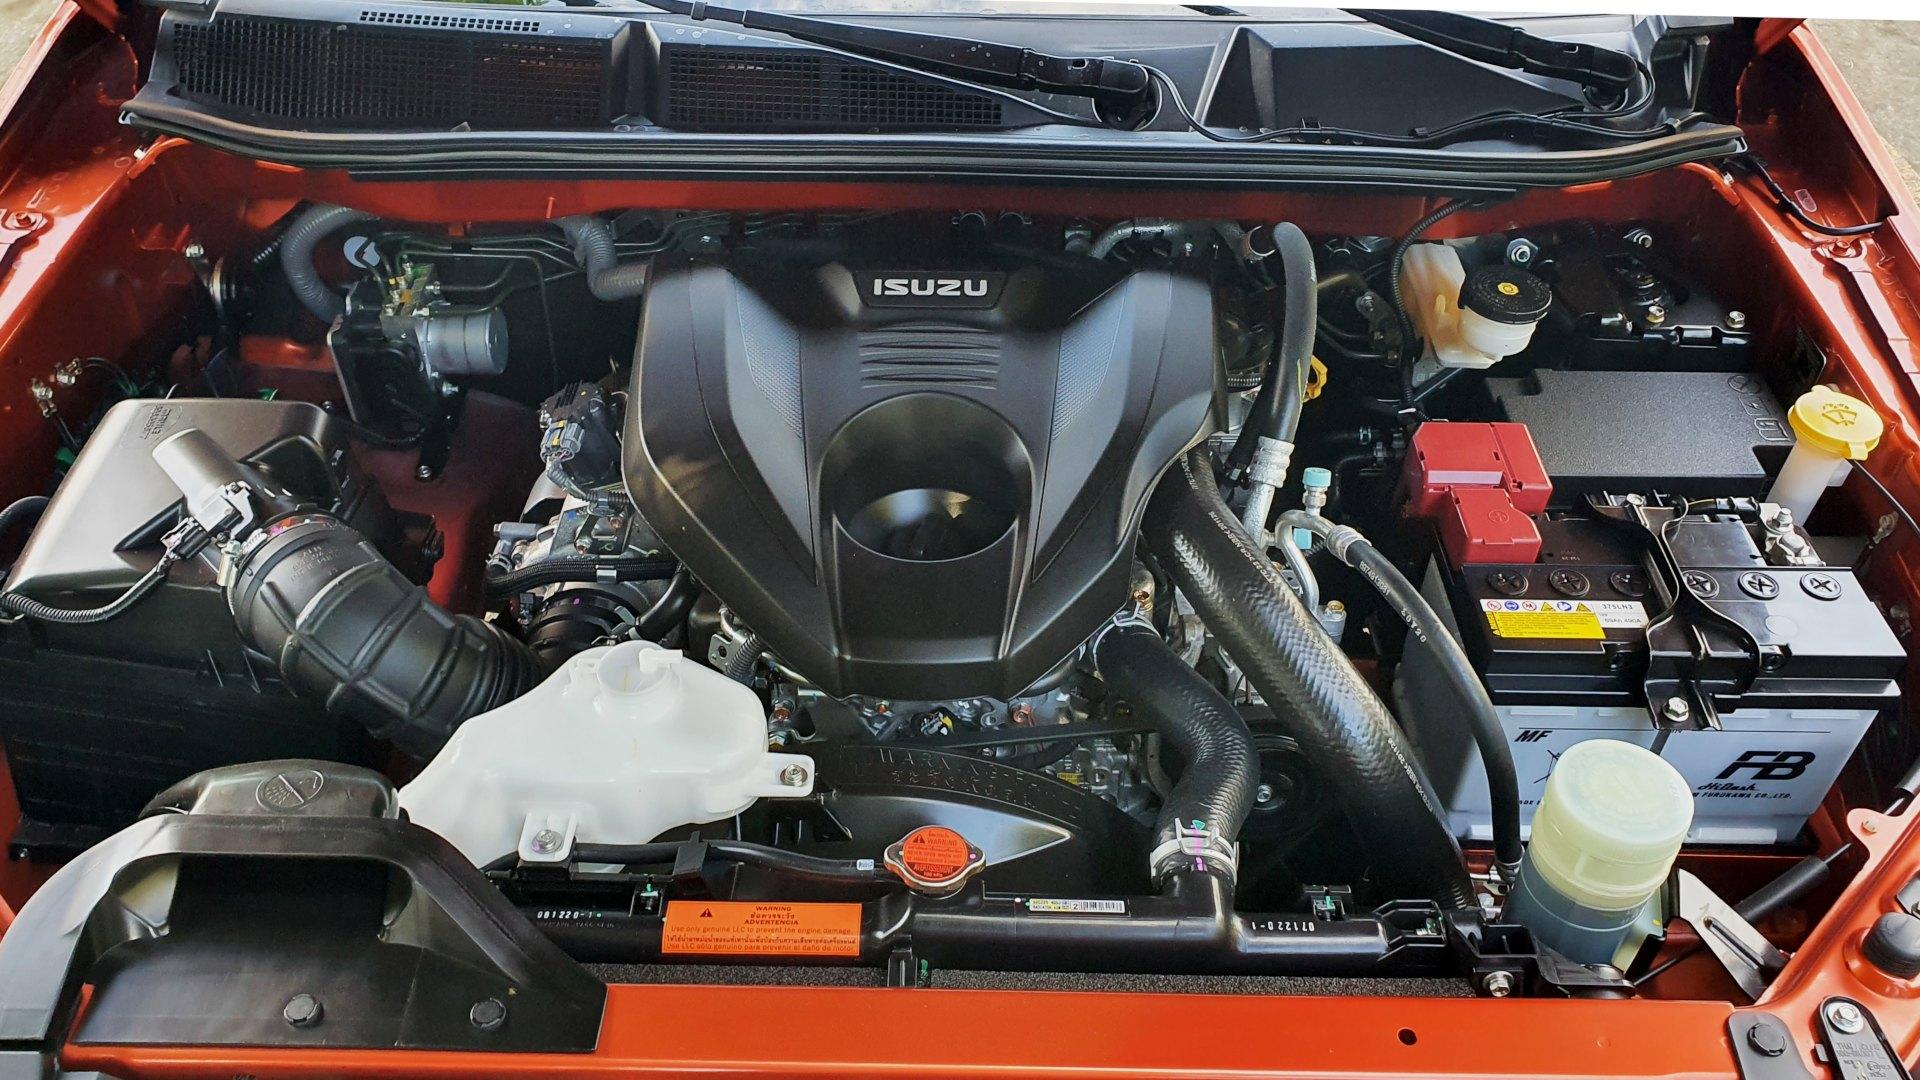 The 2021 Isuzu D-Max engine